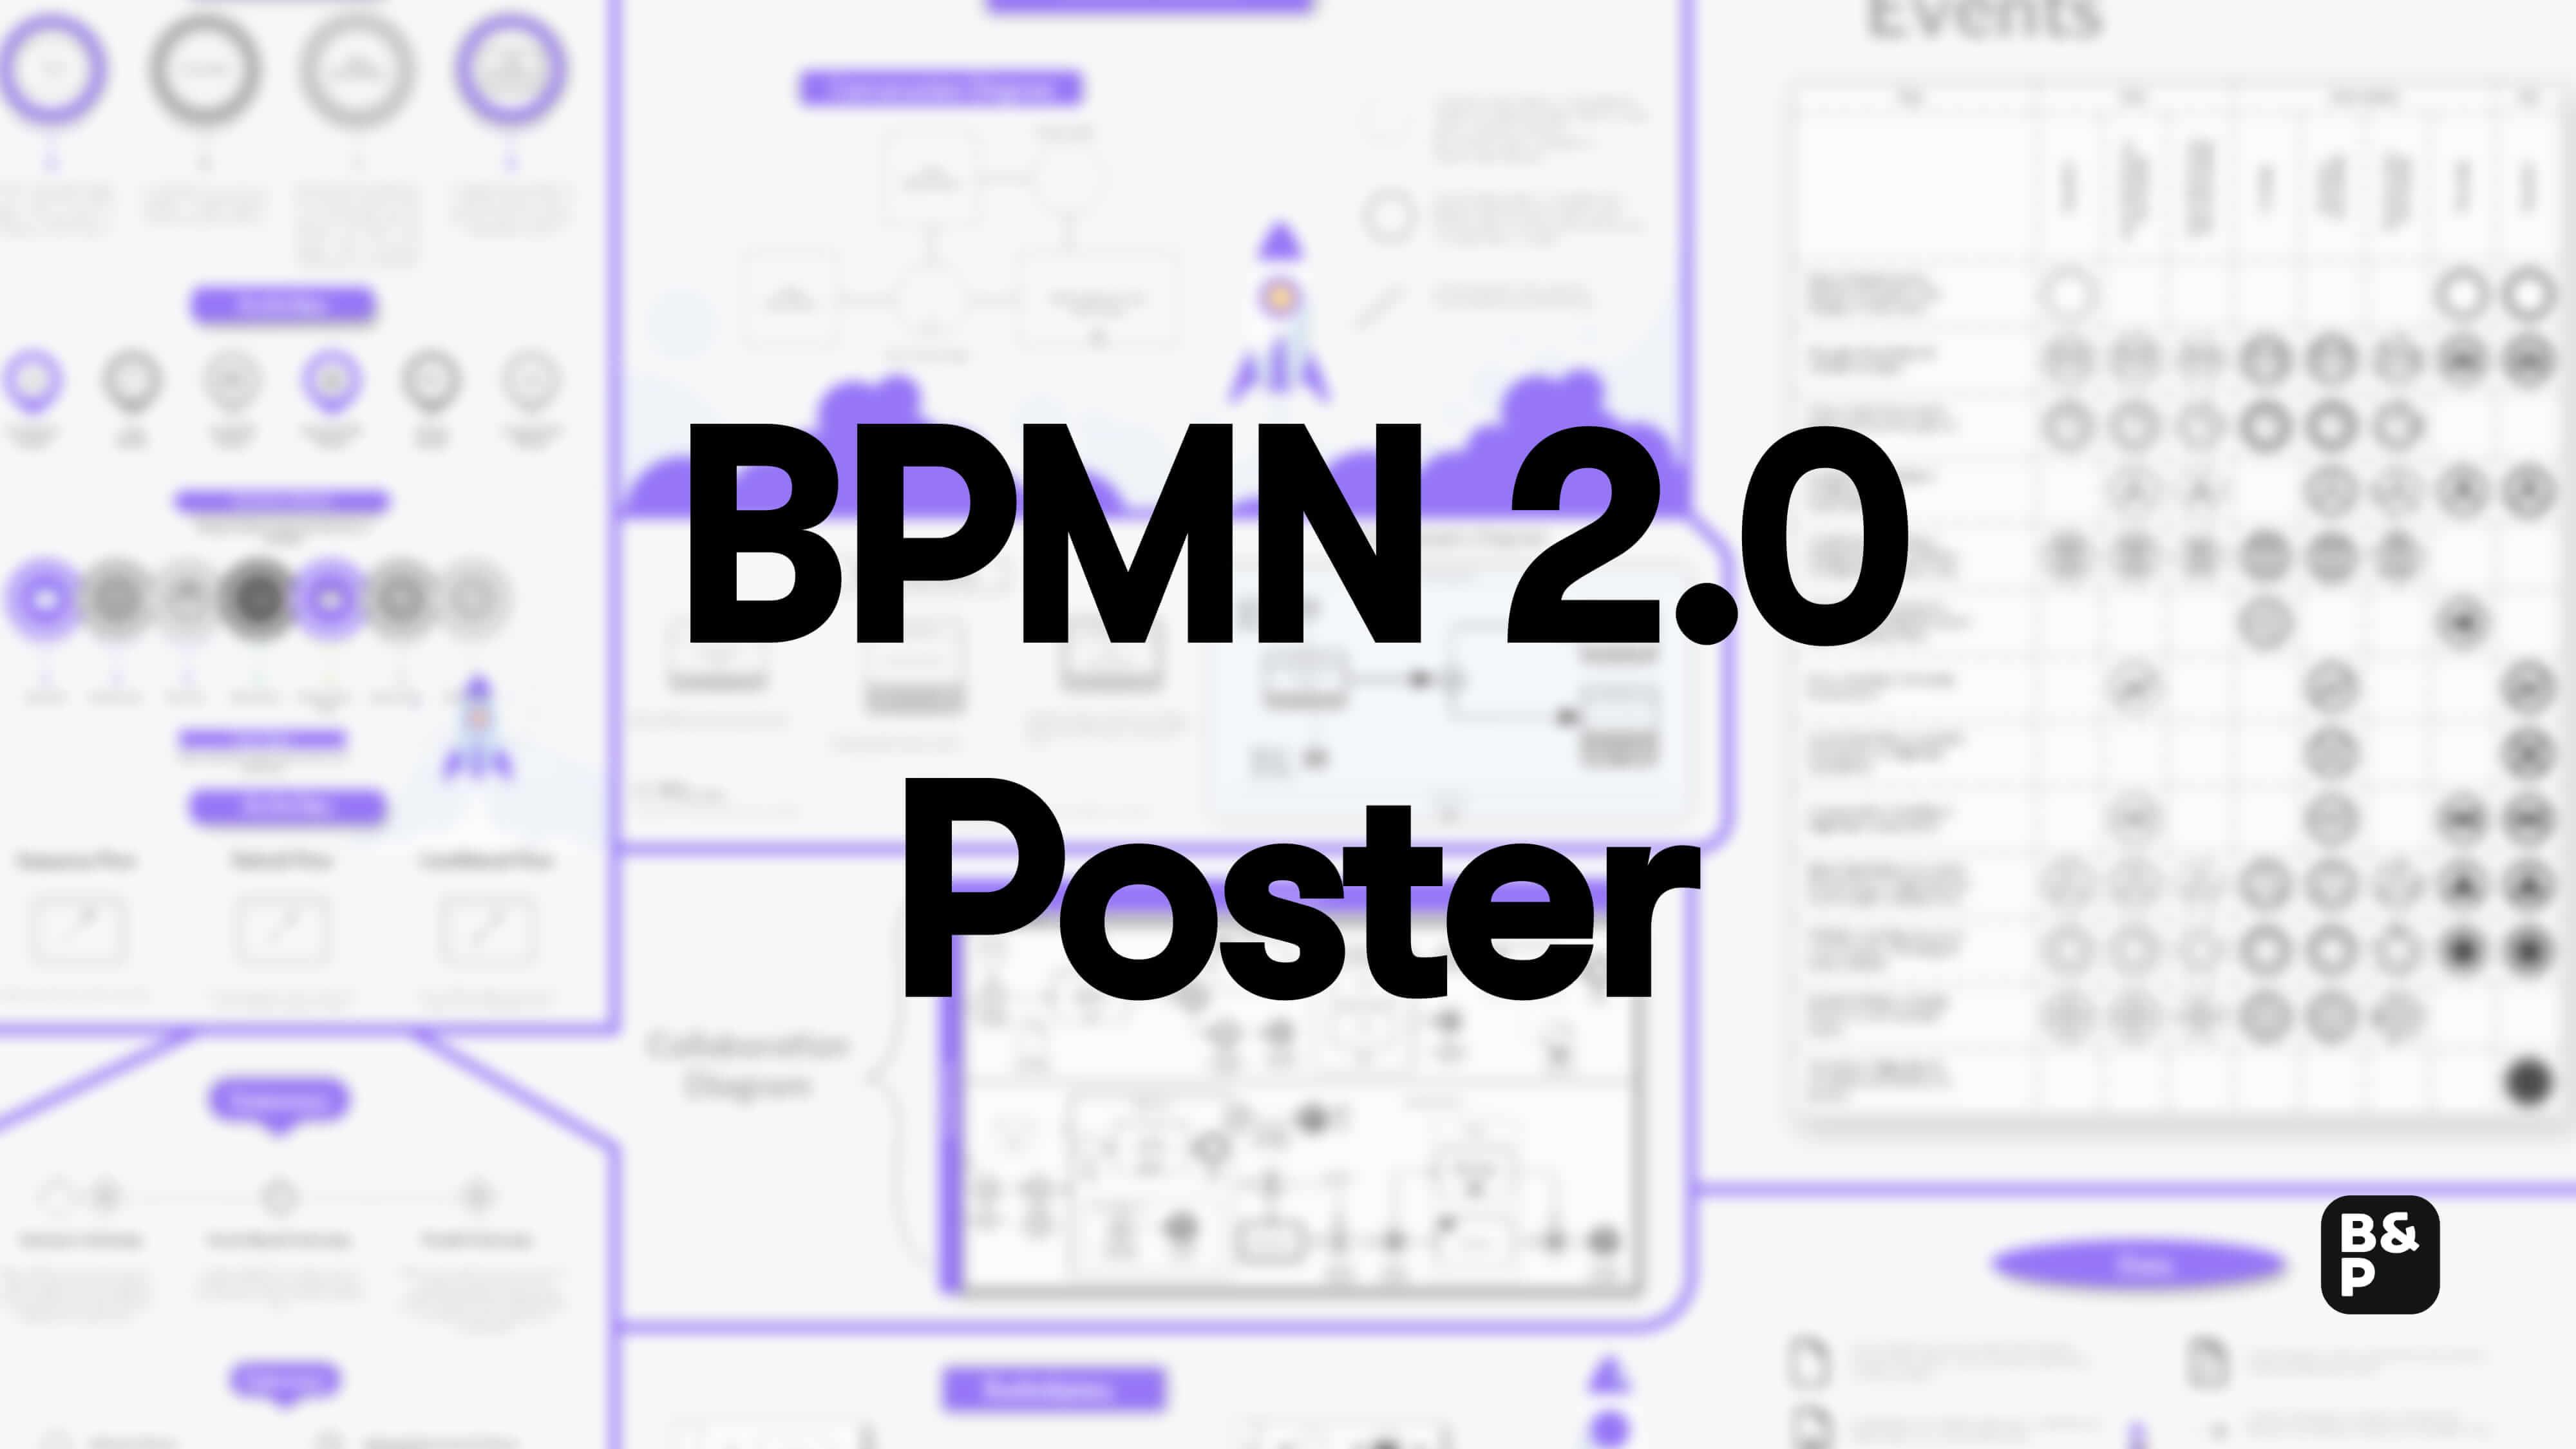 BPMN 2.0 Poster